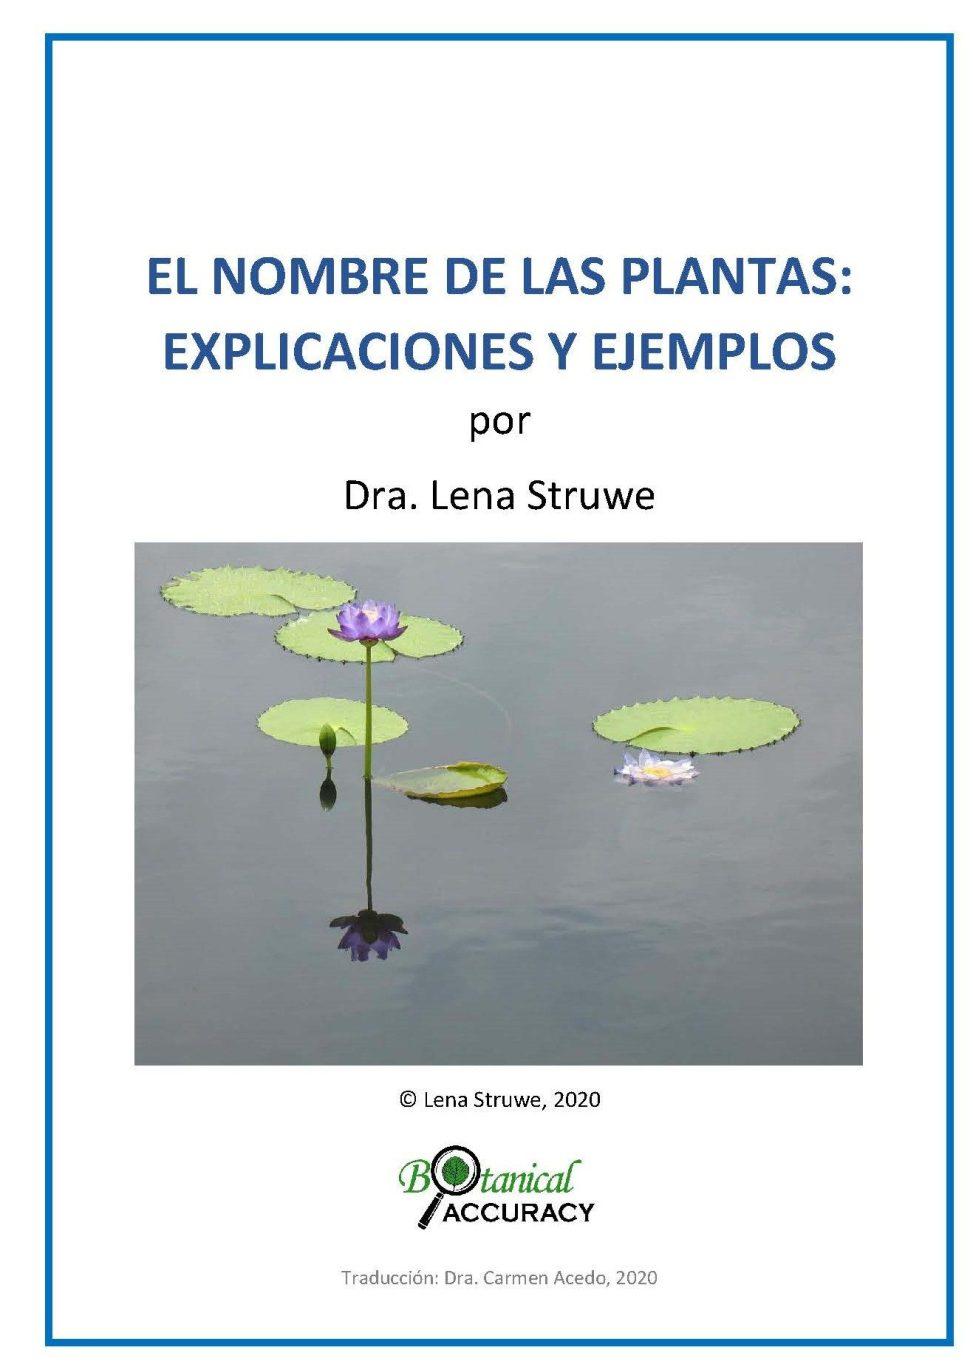 cover image for Struwe (2020) El Nombre de las Plantas v 1.1